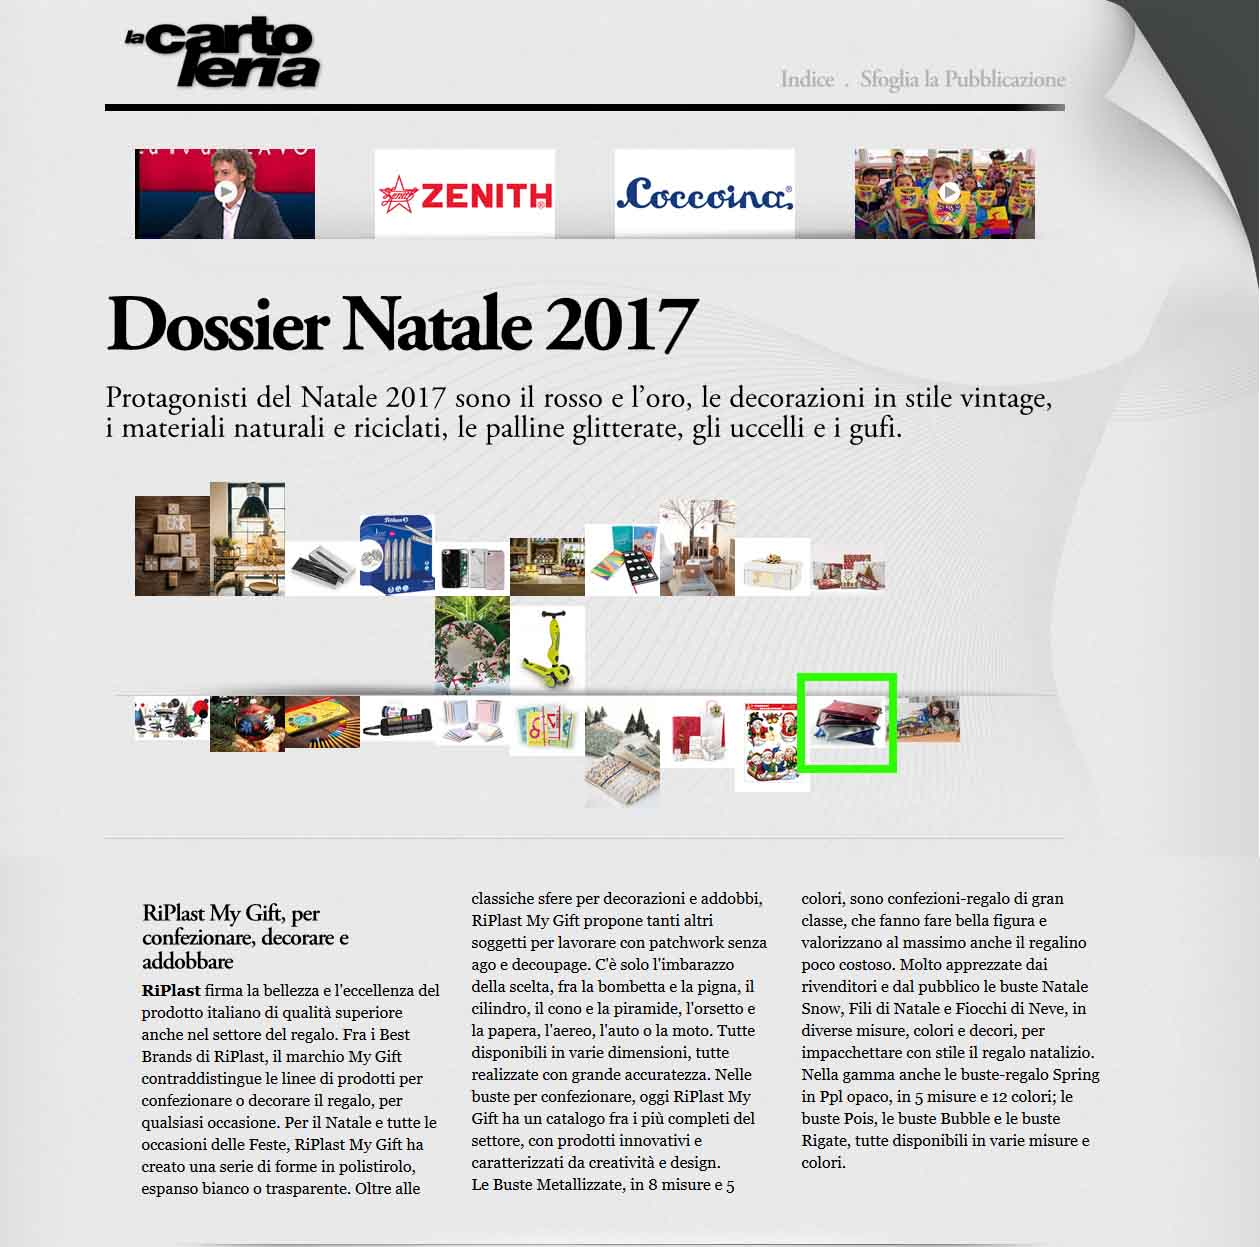 www.lacartoleria.com - Dossier Natale - My Gift